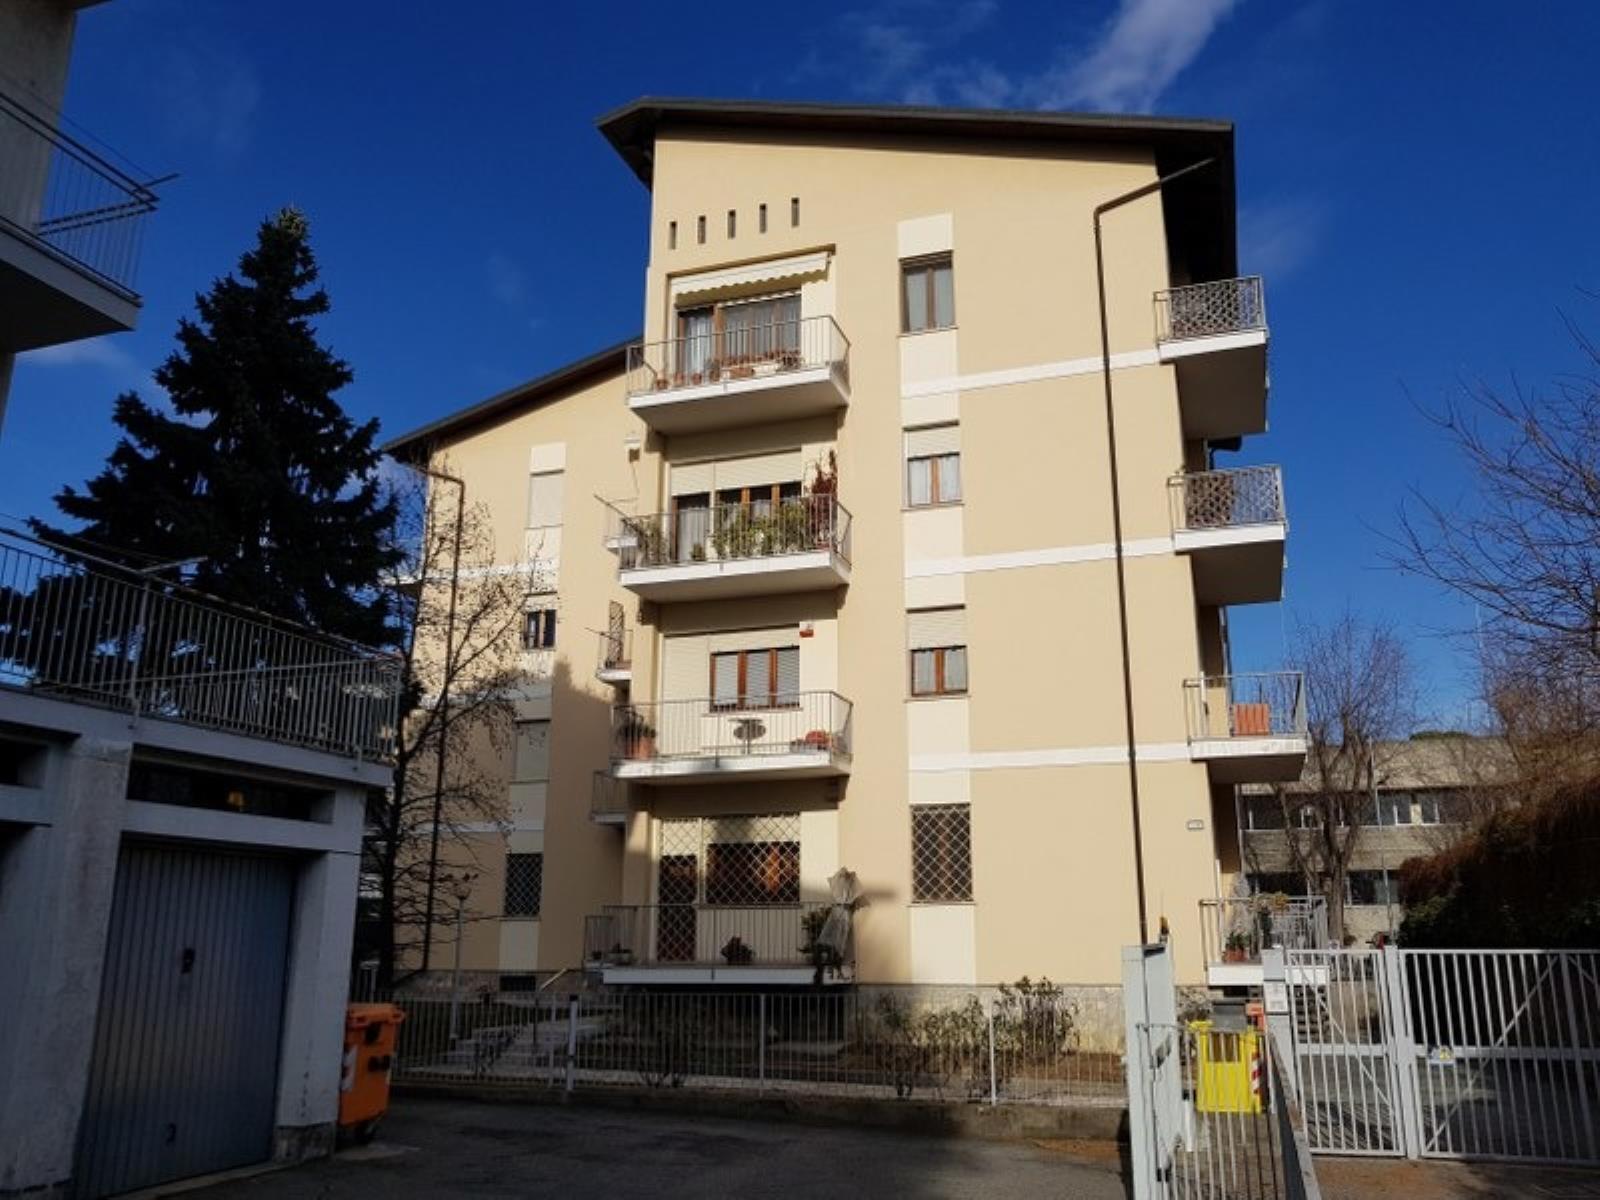 Vendita appartamento di 110 m2 ivrea to studio idea casa for Piani di casa cottage quattro camere da letto